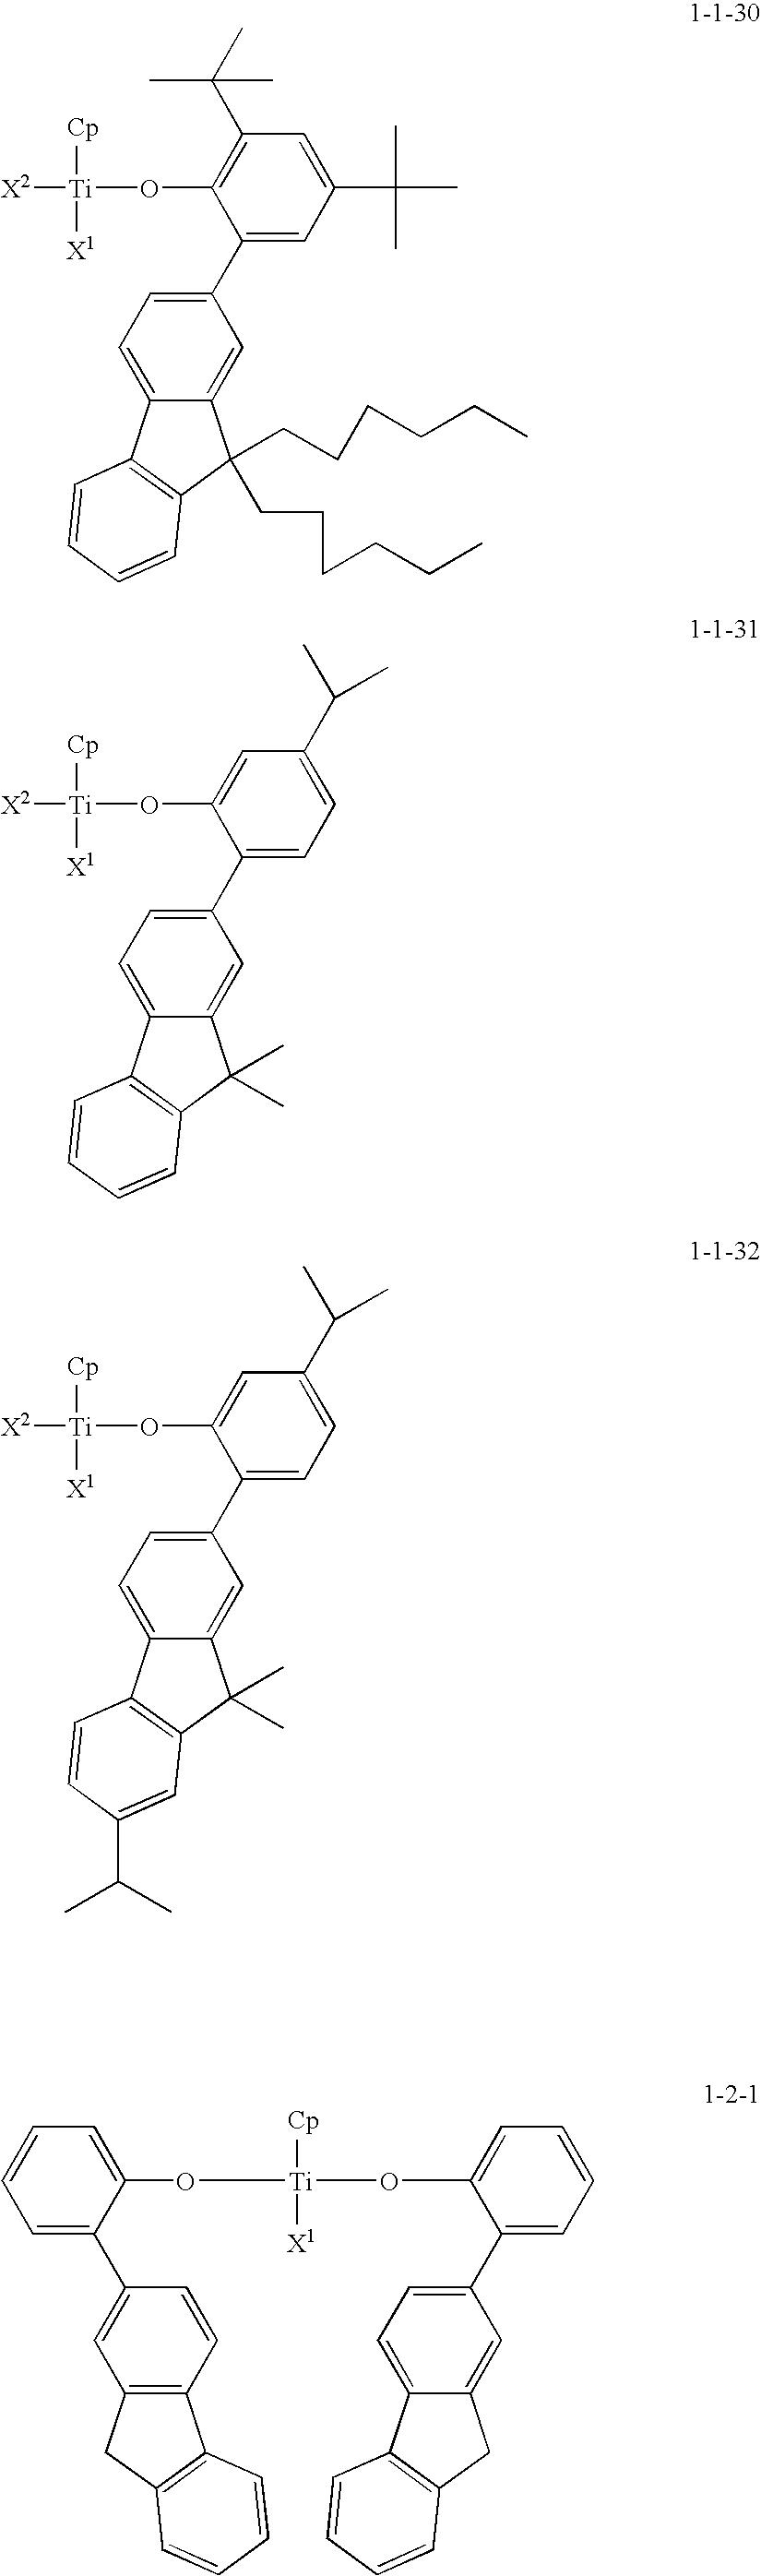 Figure US20100081776A1-20100401-C00055